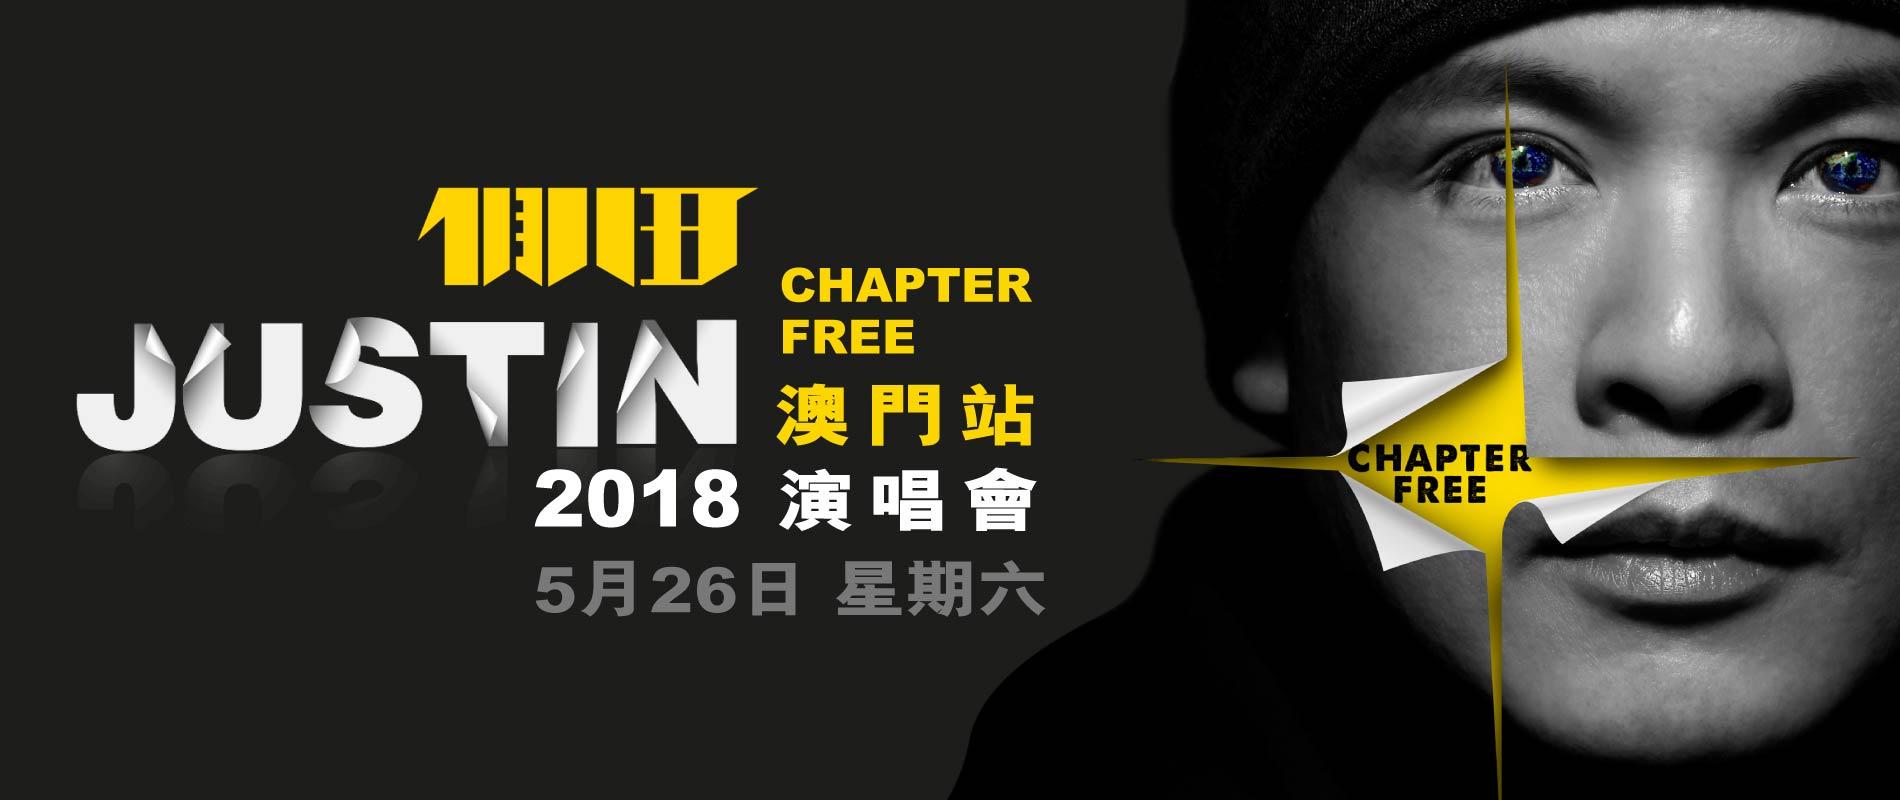 側田《CHAPTER FREE》巡迴演唱會2018澳門站—澳門威尼斯人金光綜藝館